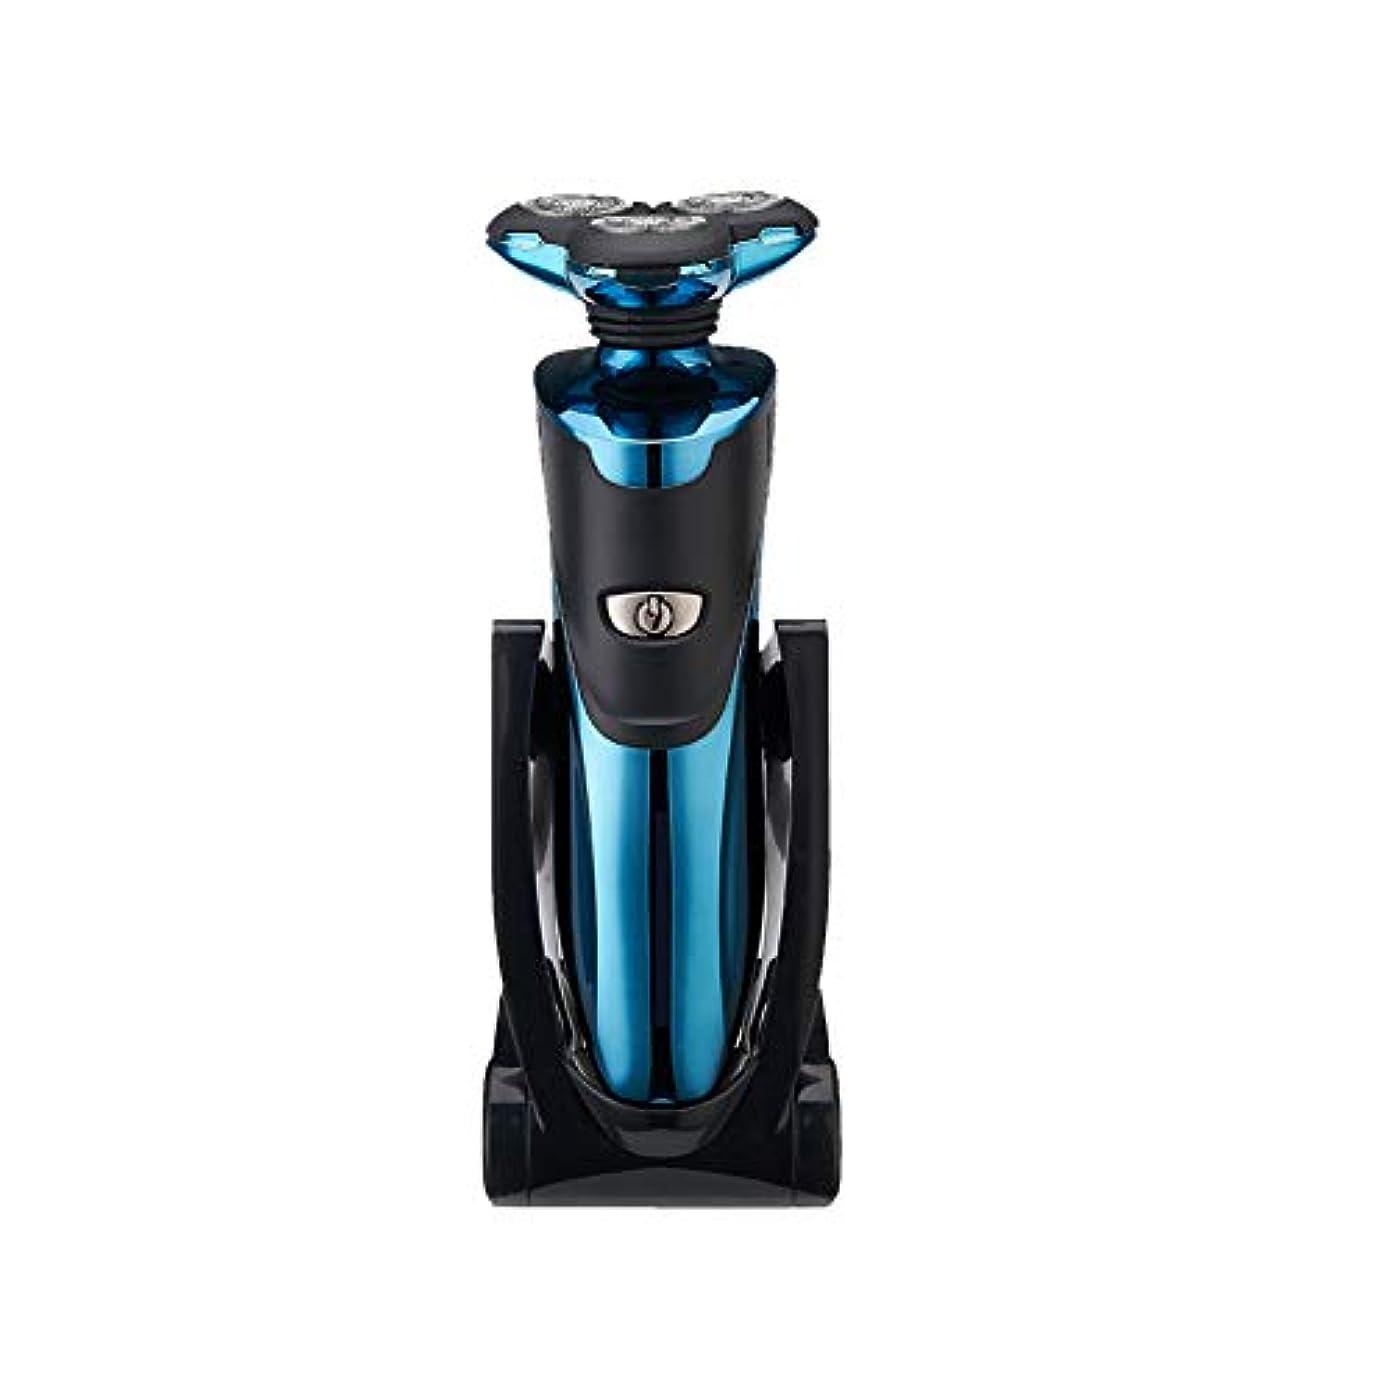 ソーセージクラッチハウス4で1電気シェーバー男性かみそり4 d濡れた乾式ロータリーシェービングIpx 7防水2019年更新バージョンアダプター付きトリマーグルーミングキット,Blue